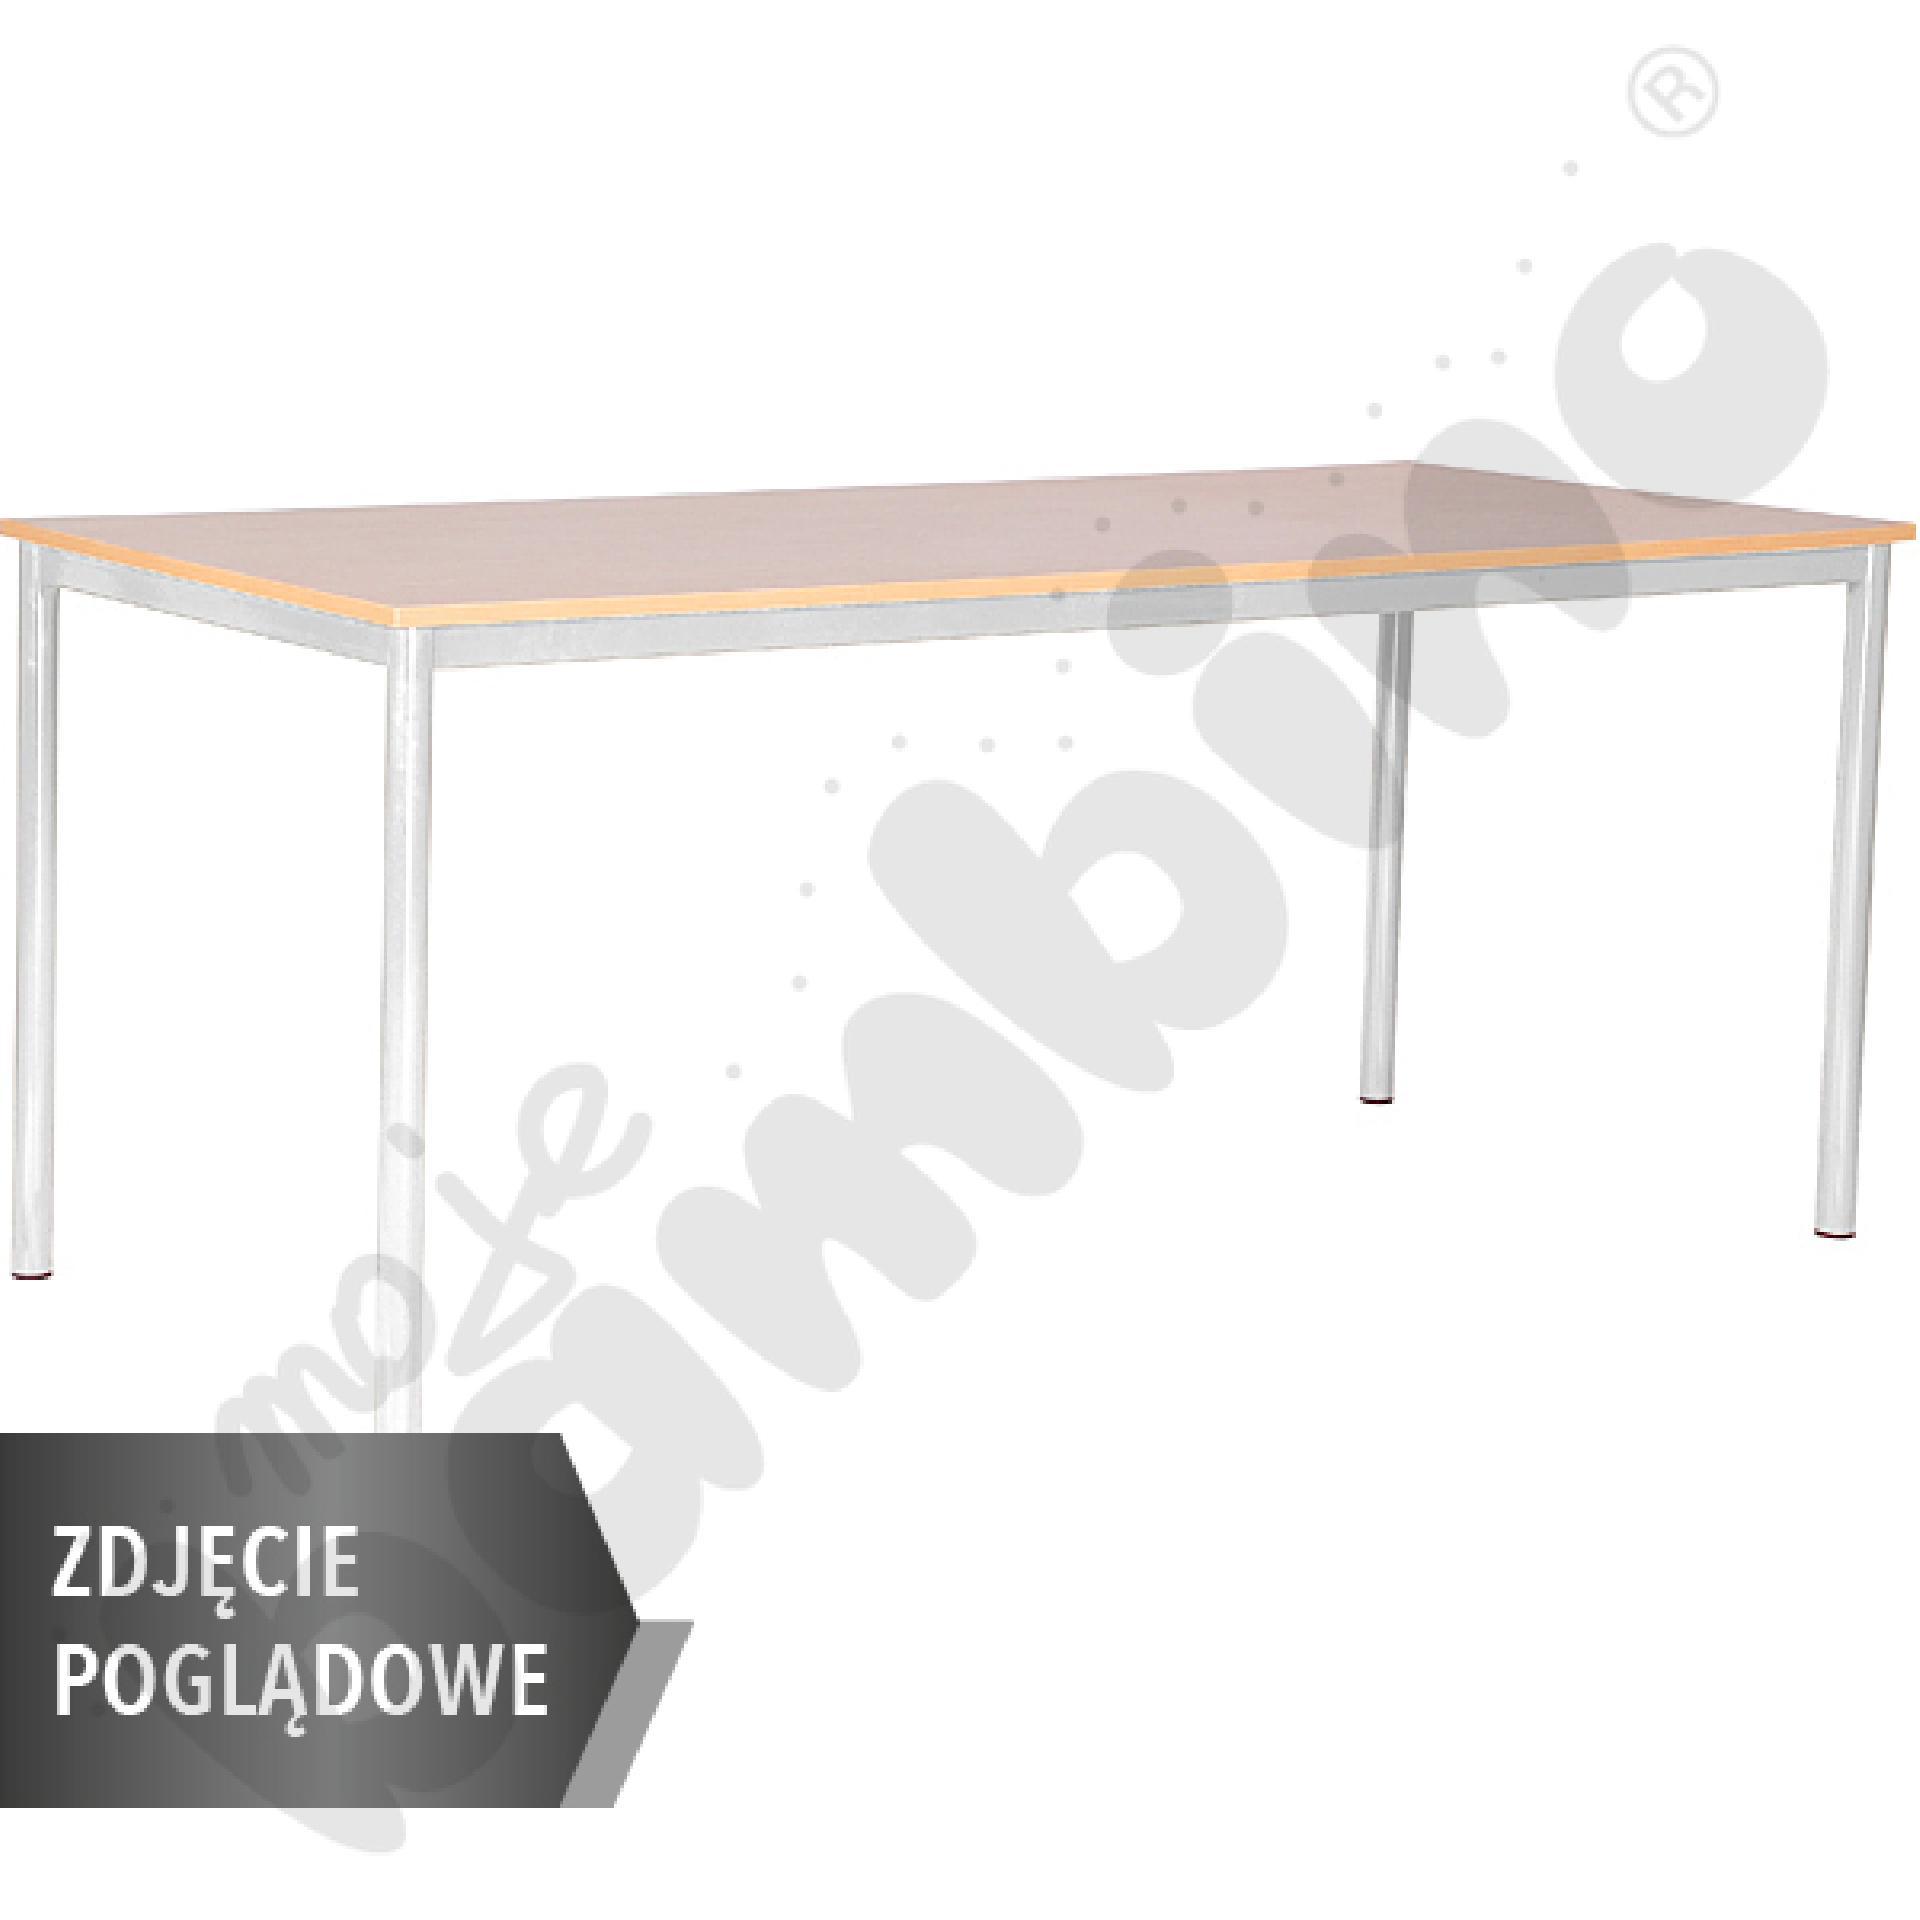 Stół Mila 180x80 rozm. 6, 8os., stelaż niebieski, blat biały, obrzeże ABS, narożniki proste